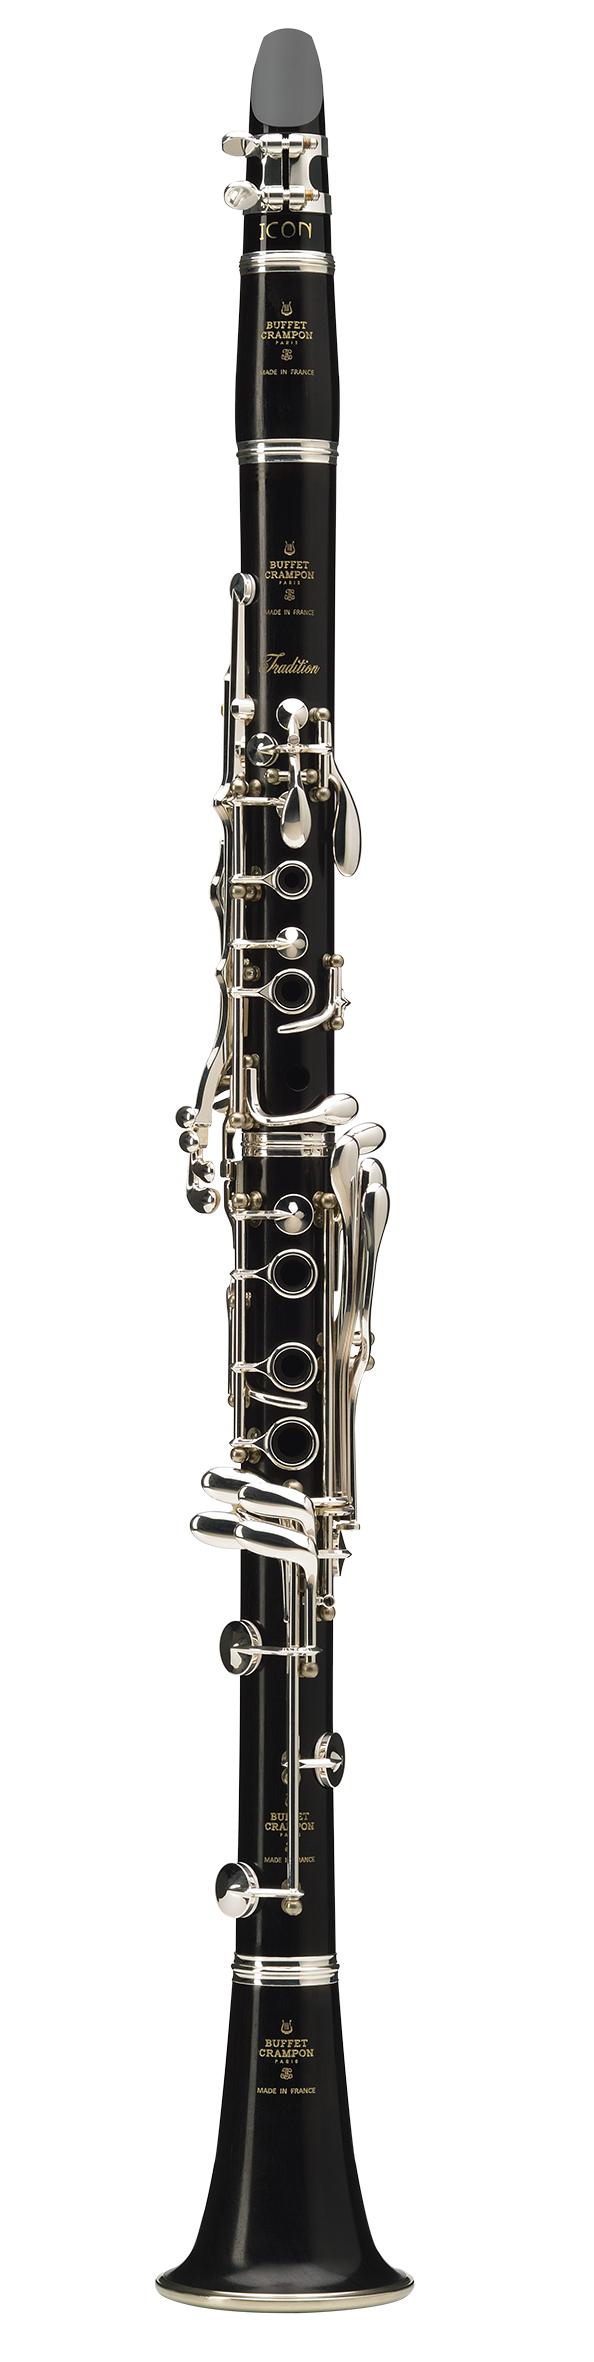 Buffet - BC-1216L-2-0 - Tradition - Holzblasinstrumente - Klarinetten | MUSIK BERTRAM Deutschland Freiburg